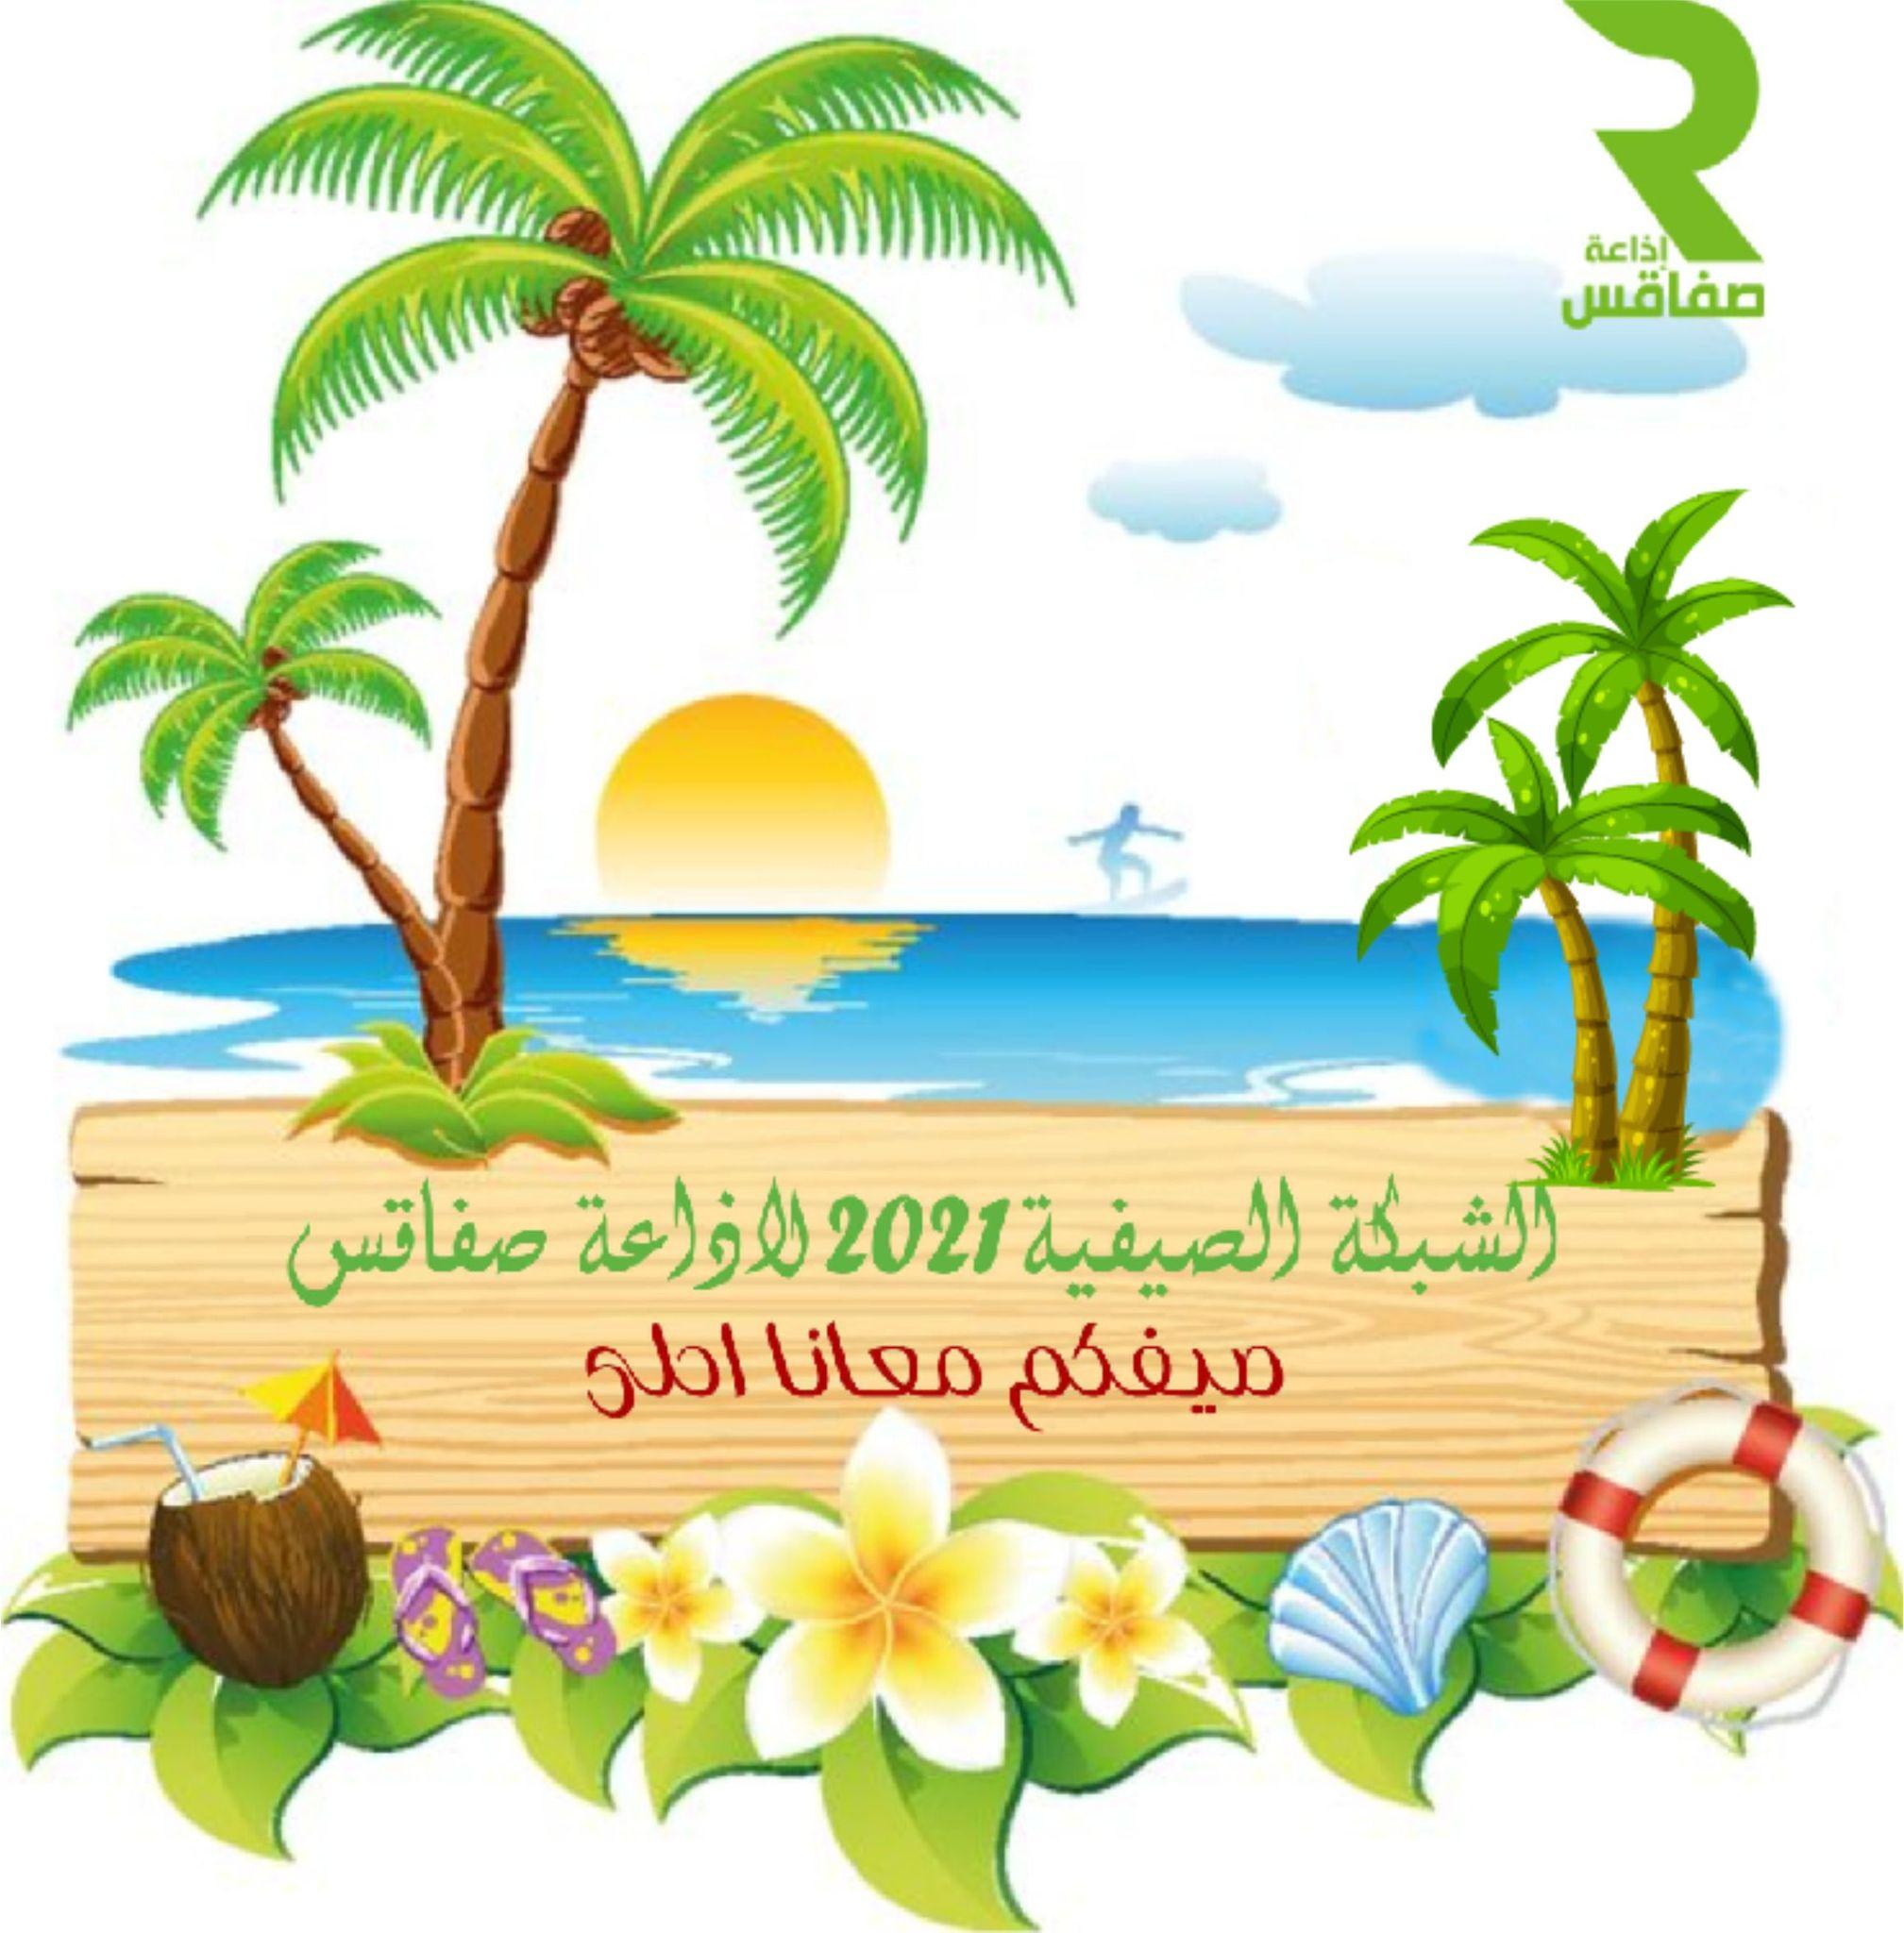 الشبكة الصيفية 2021